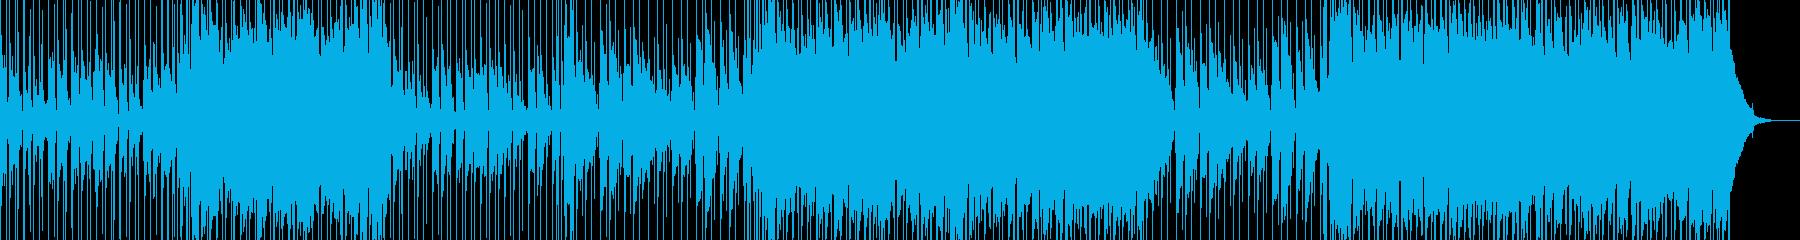 誠実で使いやすいポップロックの再生済みの波形